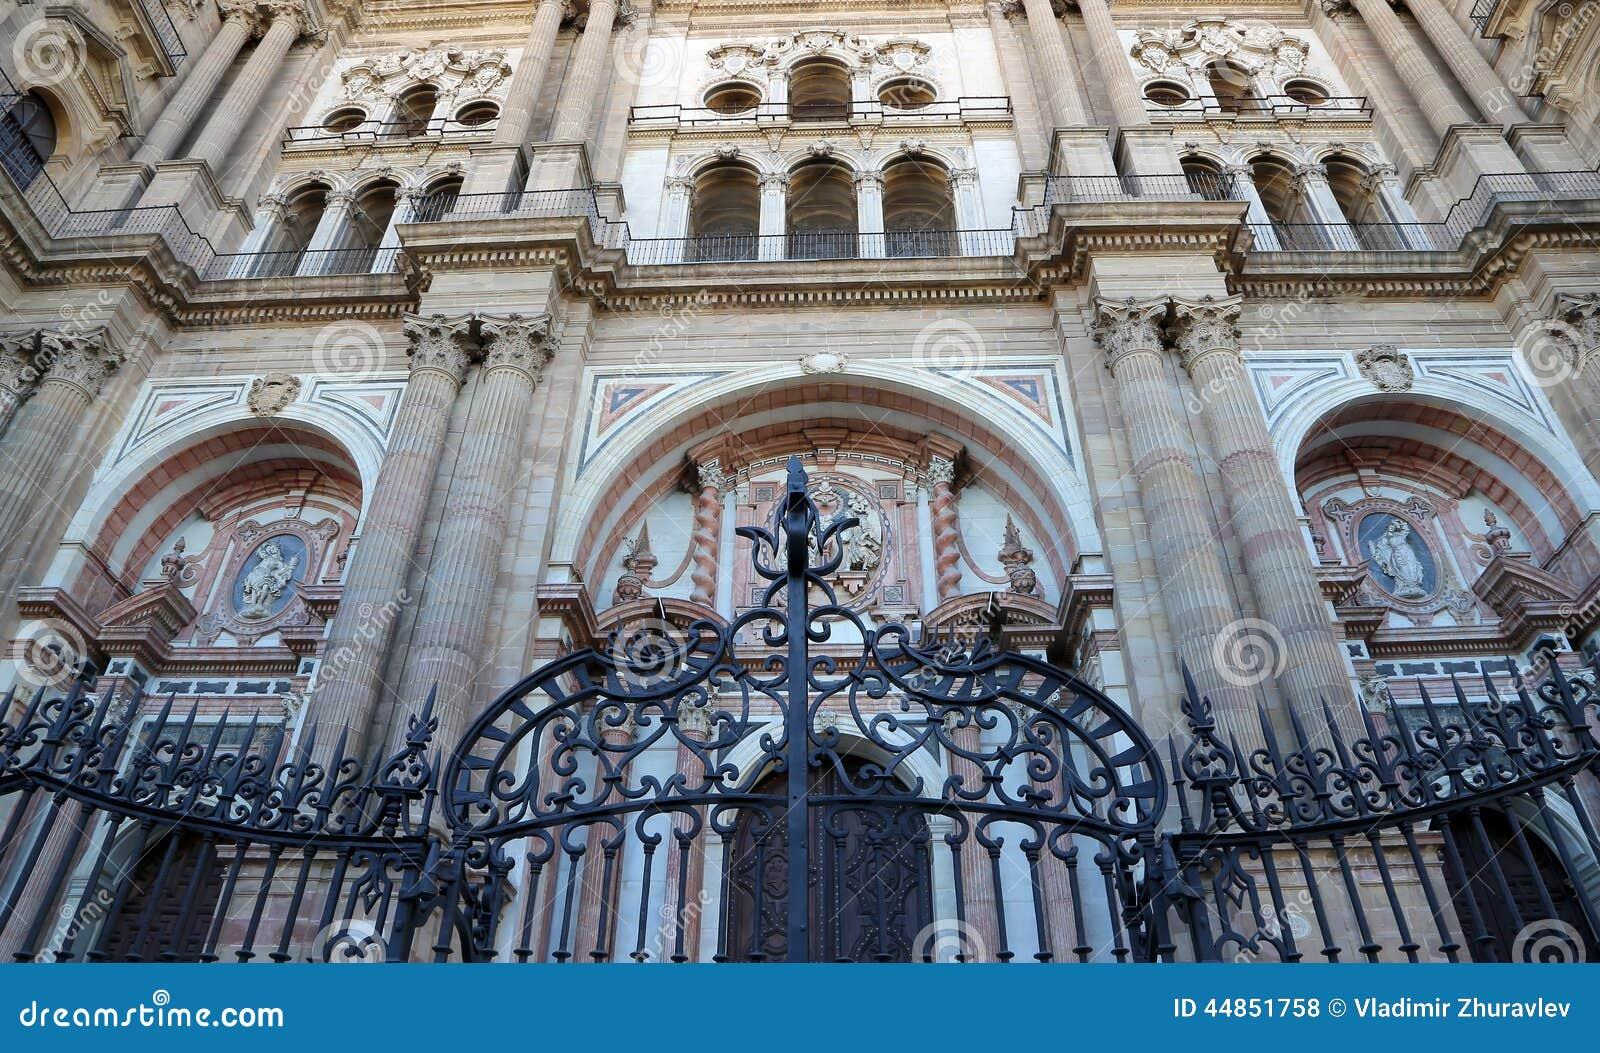 La catedral de Málaga es una iglesia del renacimiento en la ciudad de Málaga, Andalucía, España meridional